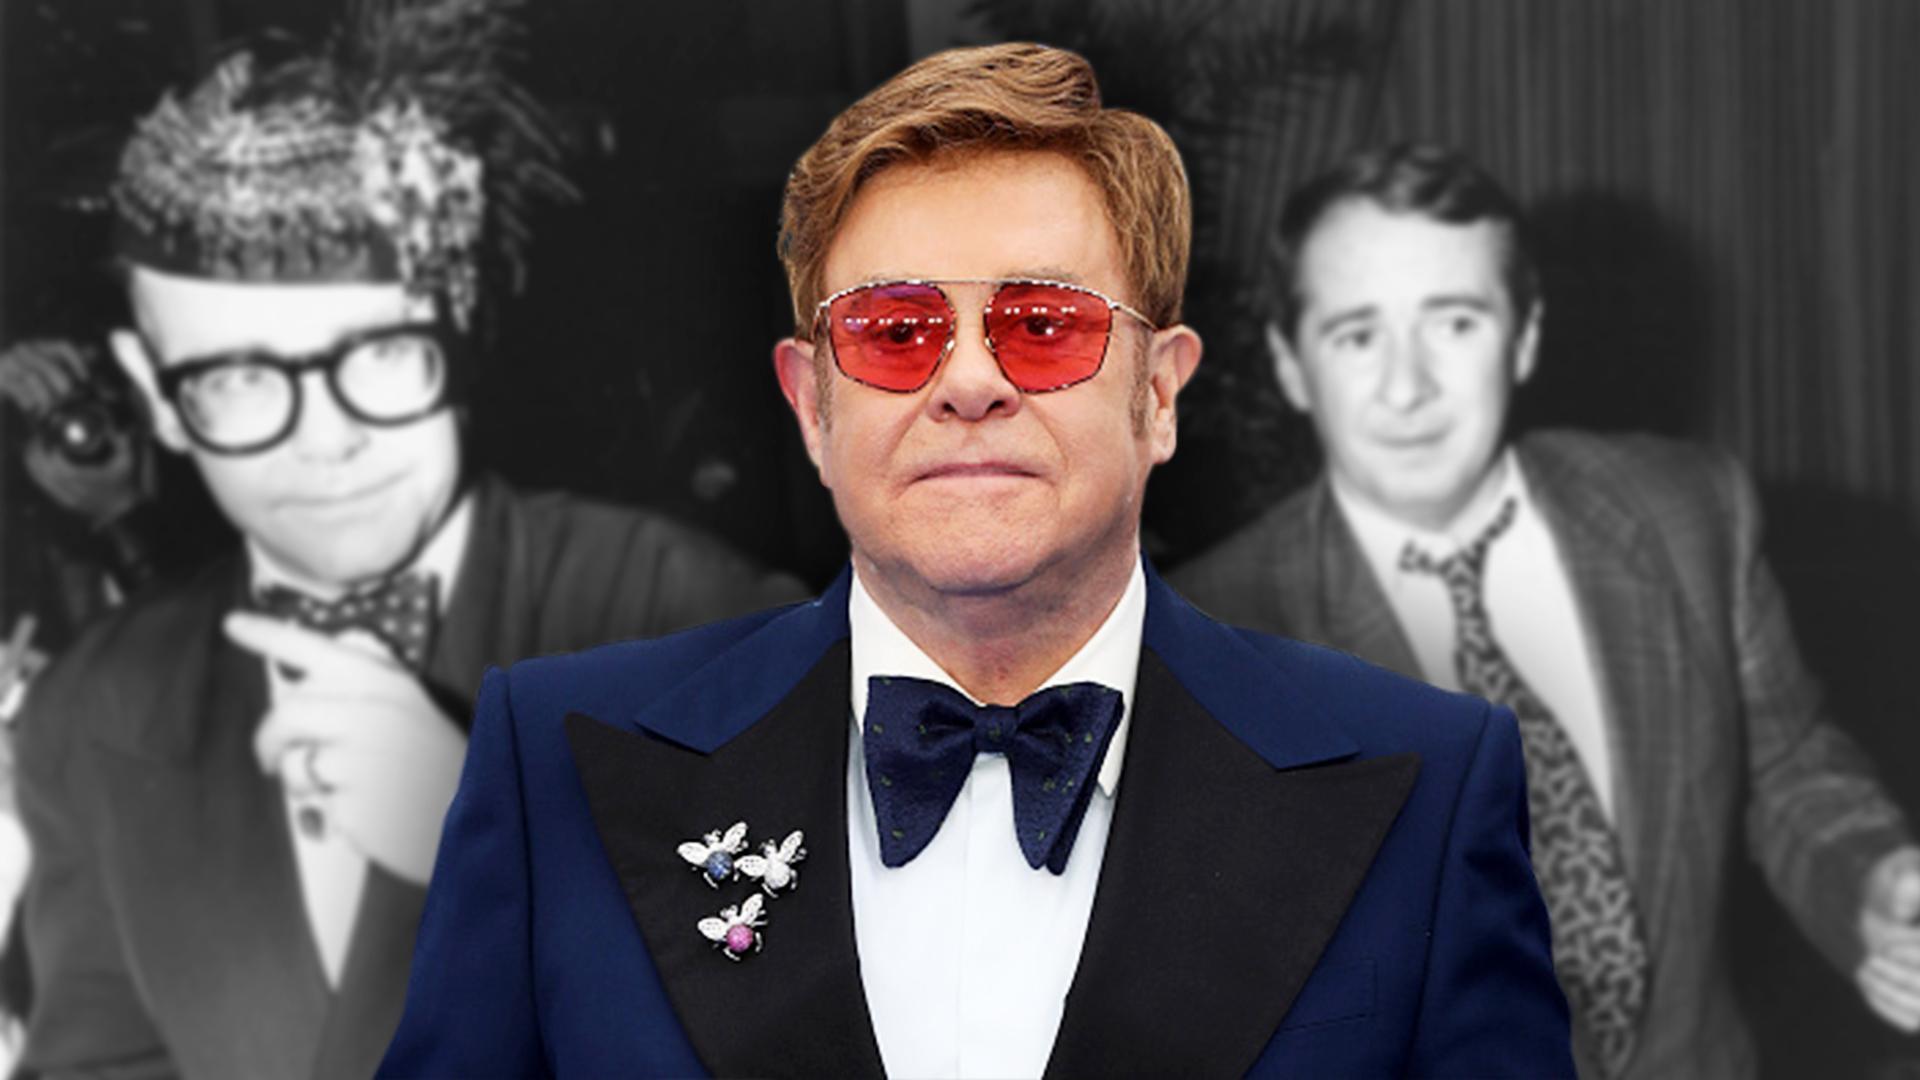 """""""Era virgen y estaba desesperado por ser amado"""": Elton John revela su primera relación sexual feliz"""